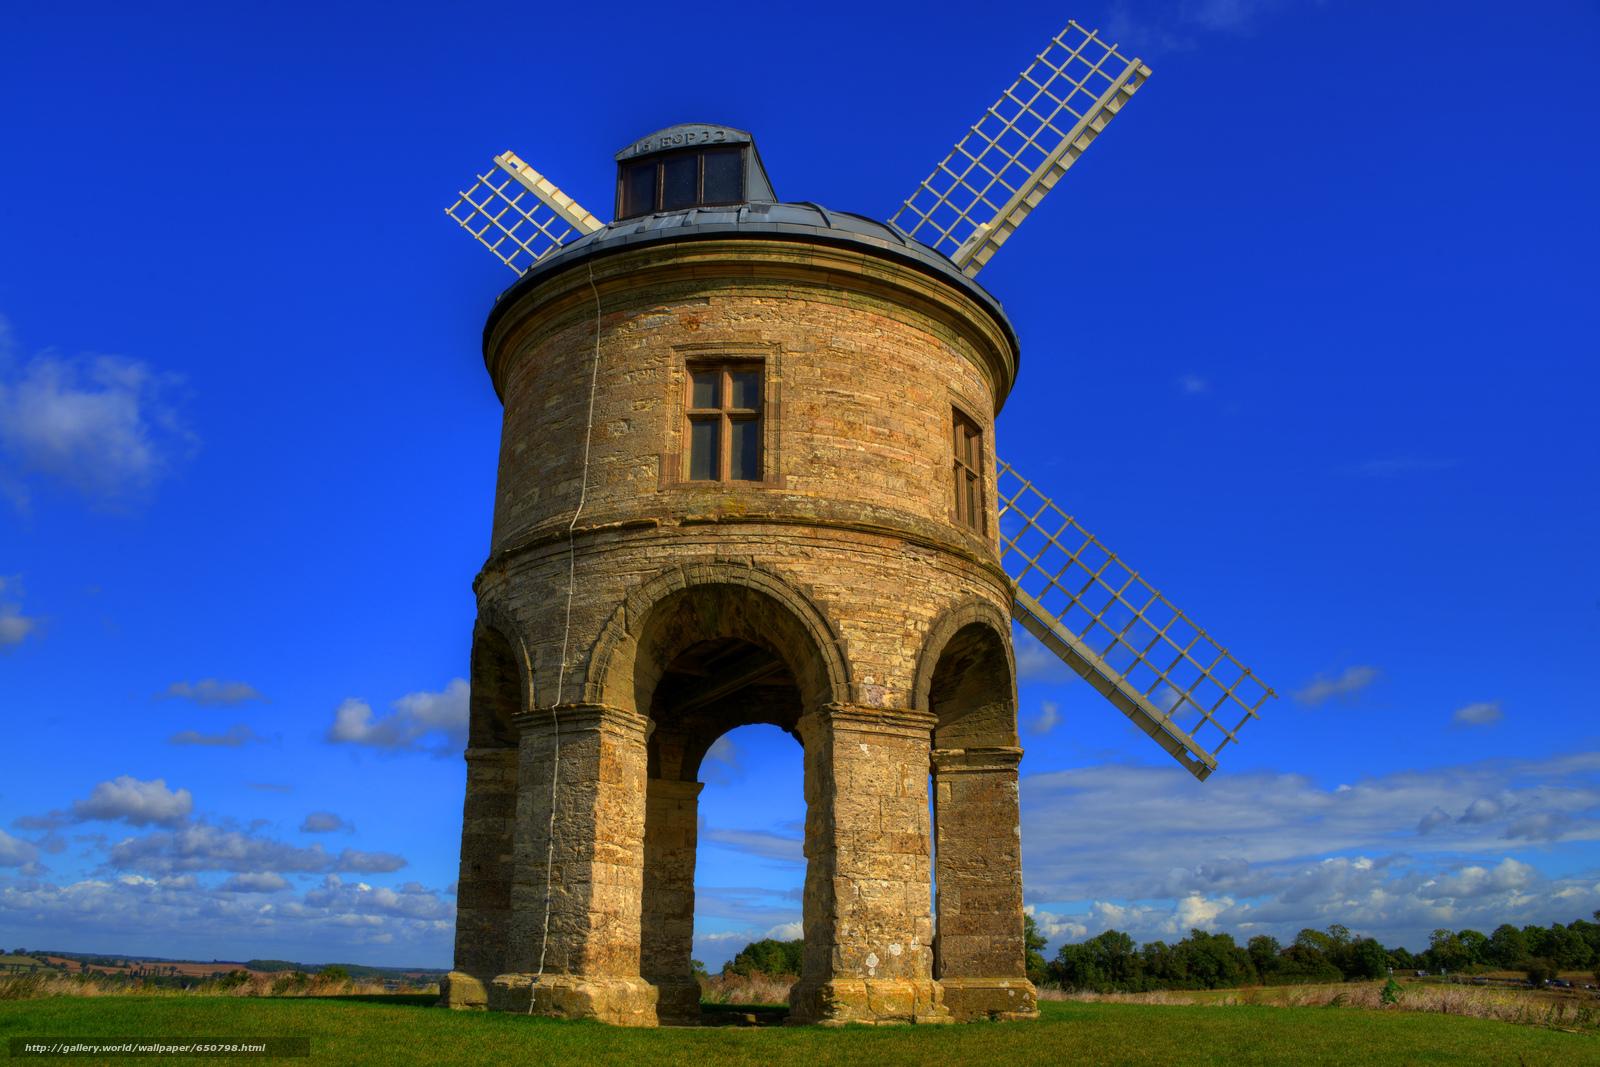 scaricare gli sfondi Chesterton Windmill,  Warwickshire,  Regno Unito,  Chesterton Windmill Sfondi gratis per la risoluzione del desktop 7358x4909 — immagine №650798